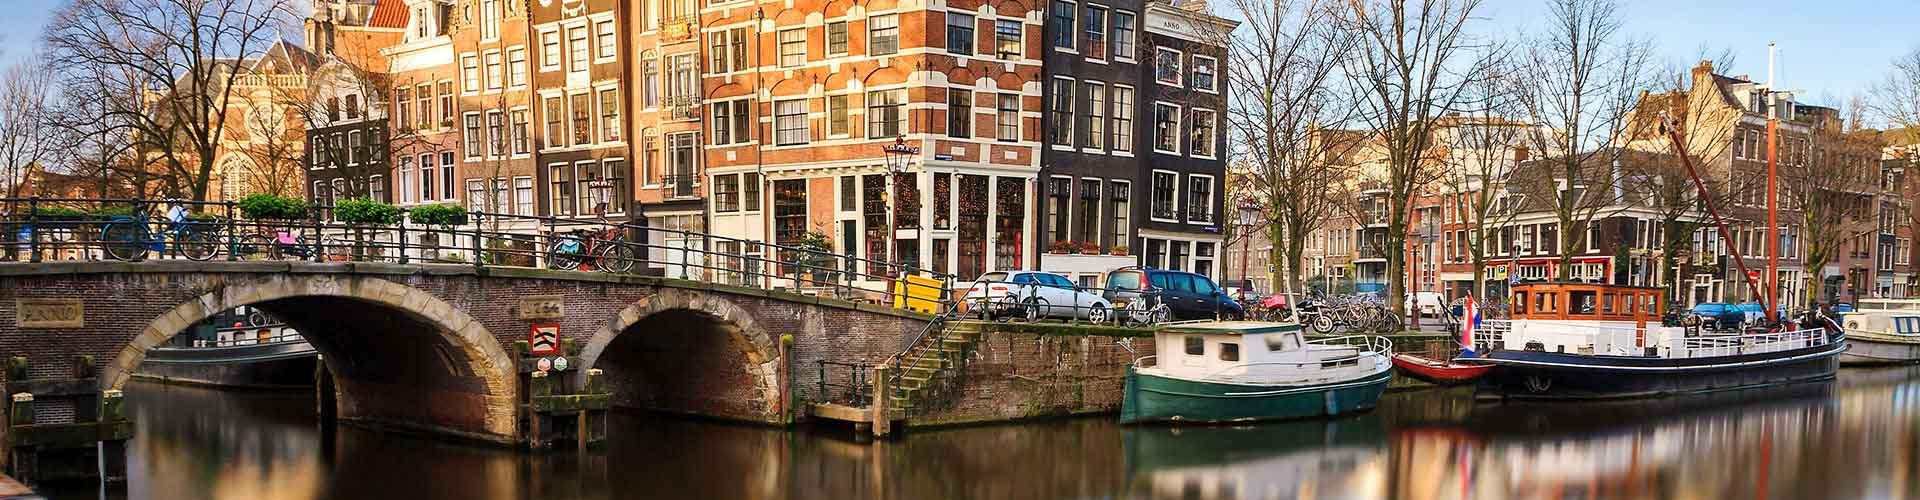 阿姆斯特丹 – 阿姆斯特丹 附近的青年旅舍。阿姆斯特丹地图,阿姆斯特丹 所有青年旅馆的照片和评分。